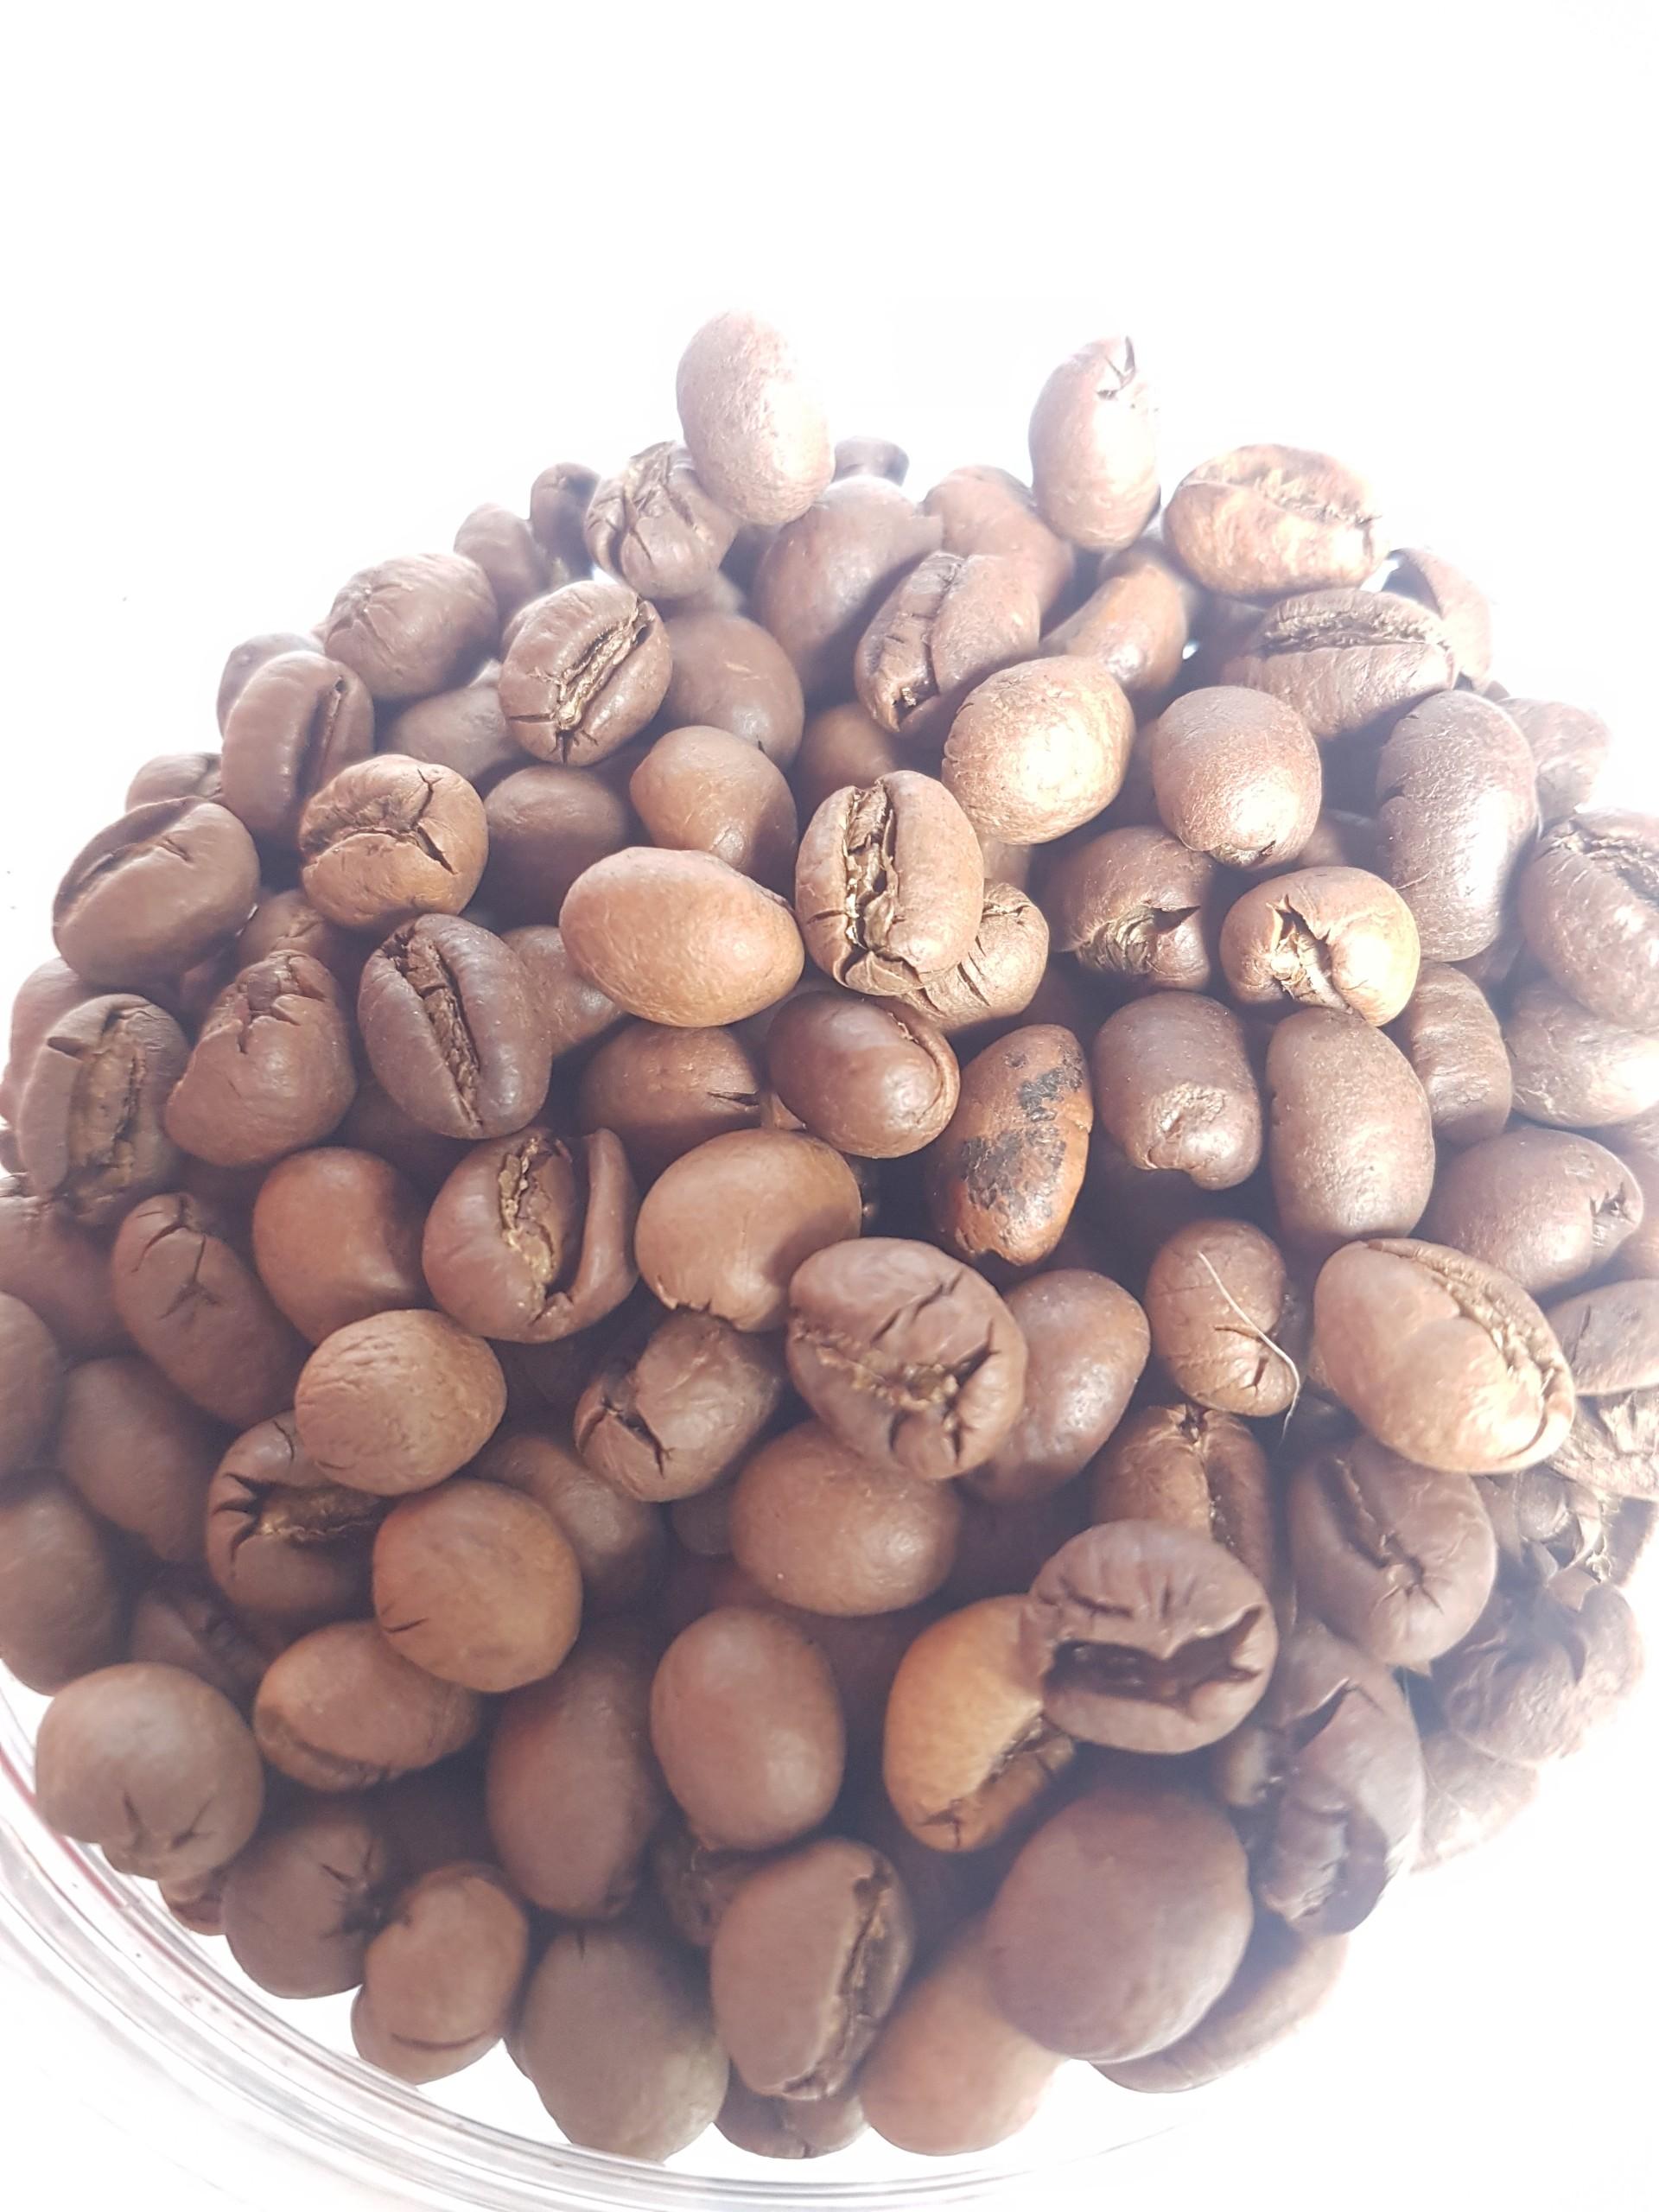 bạn cần chọn mua đúng loại cà phê có chất lượng tốt dùng cho pha phin